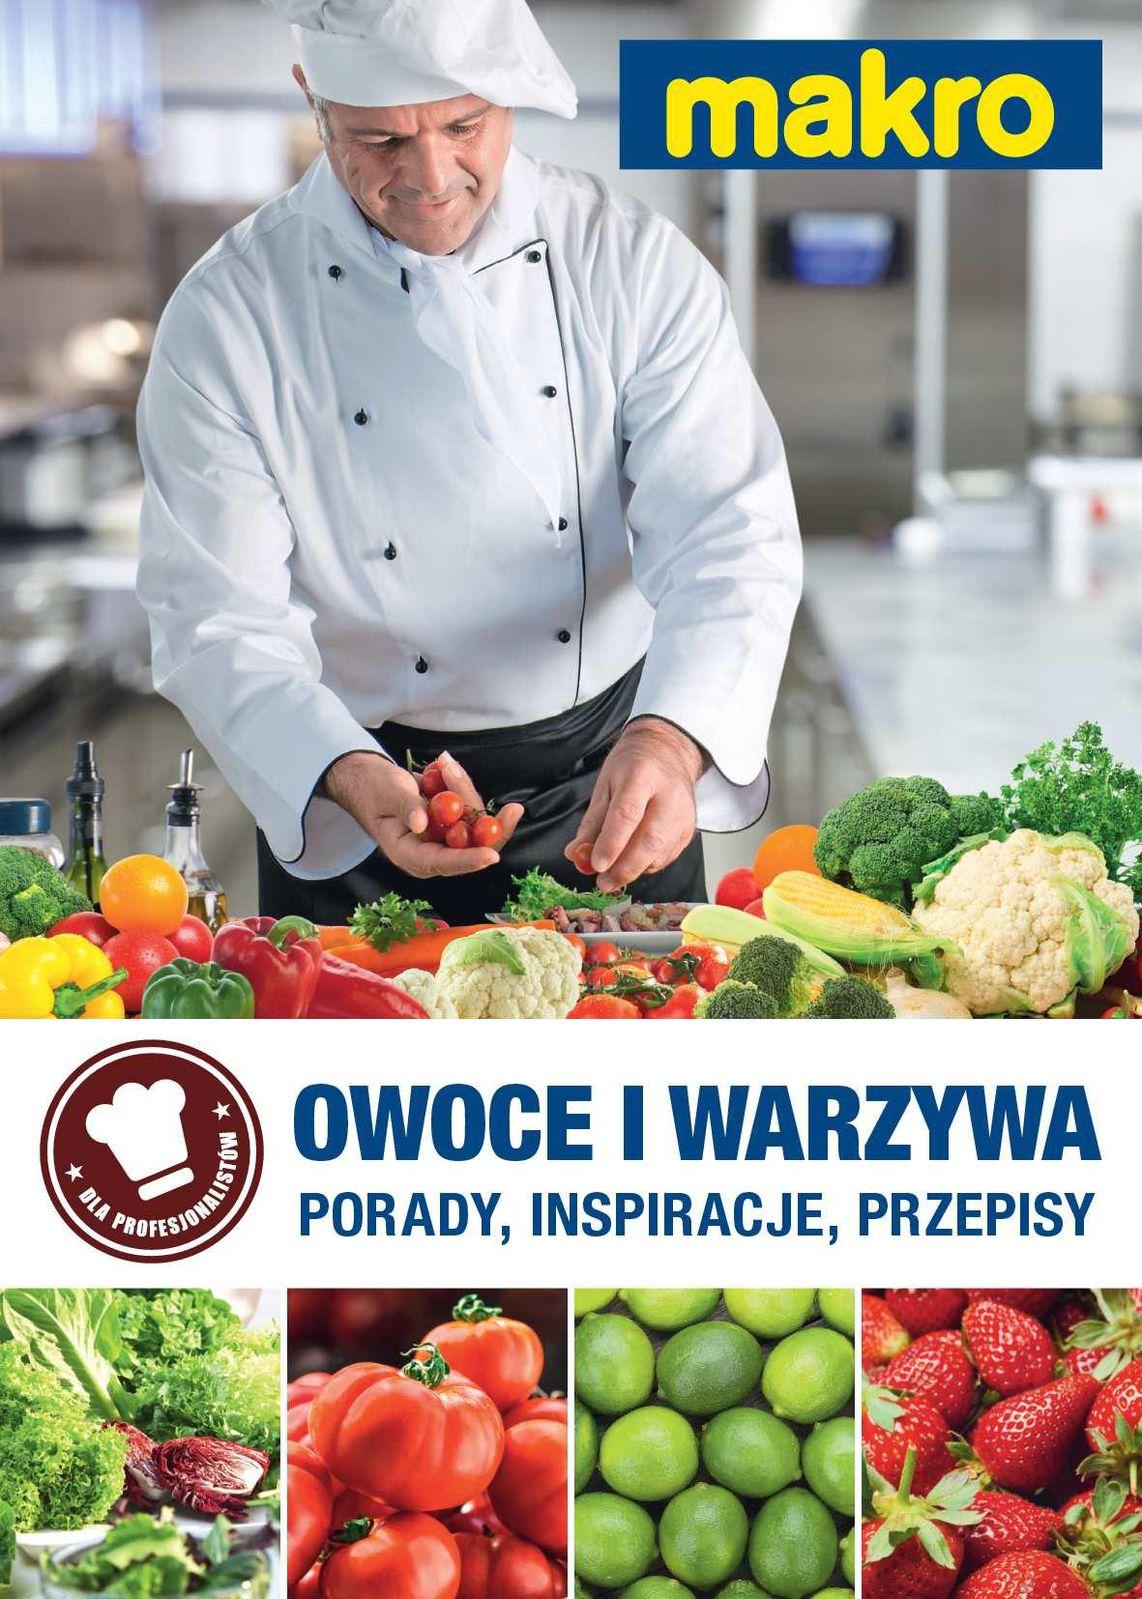 Gazetka promocyjna MAKRO do 31/12/2016 str.0